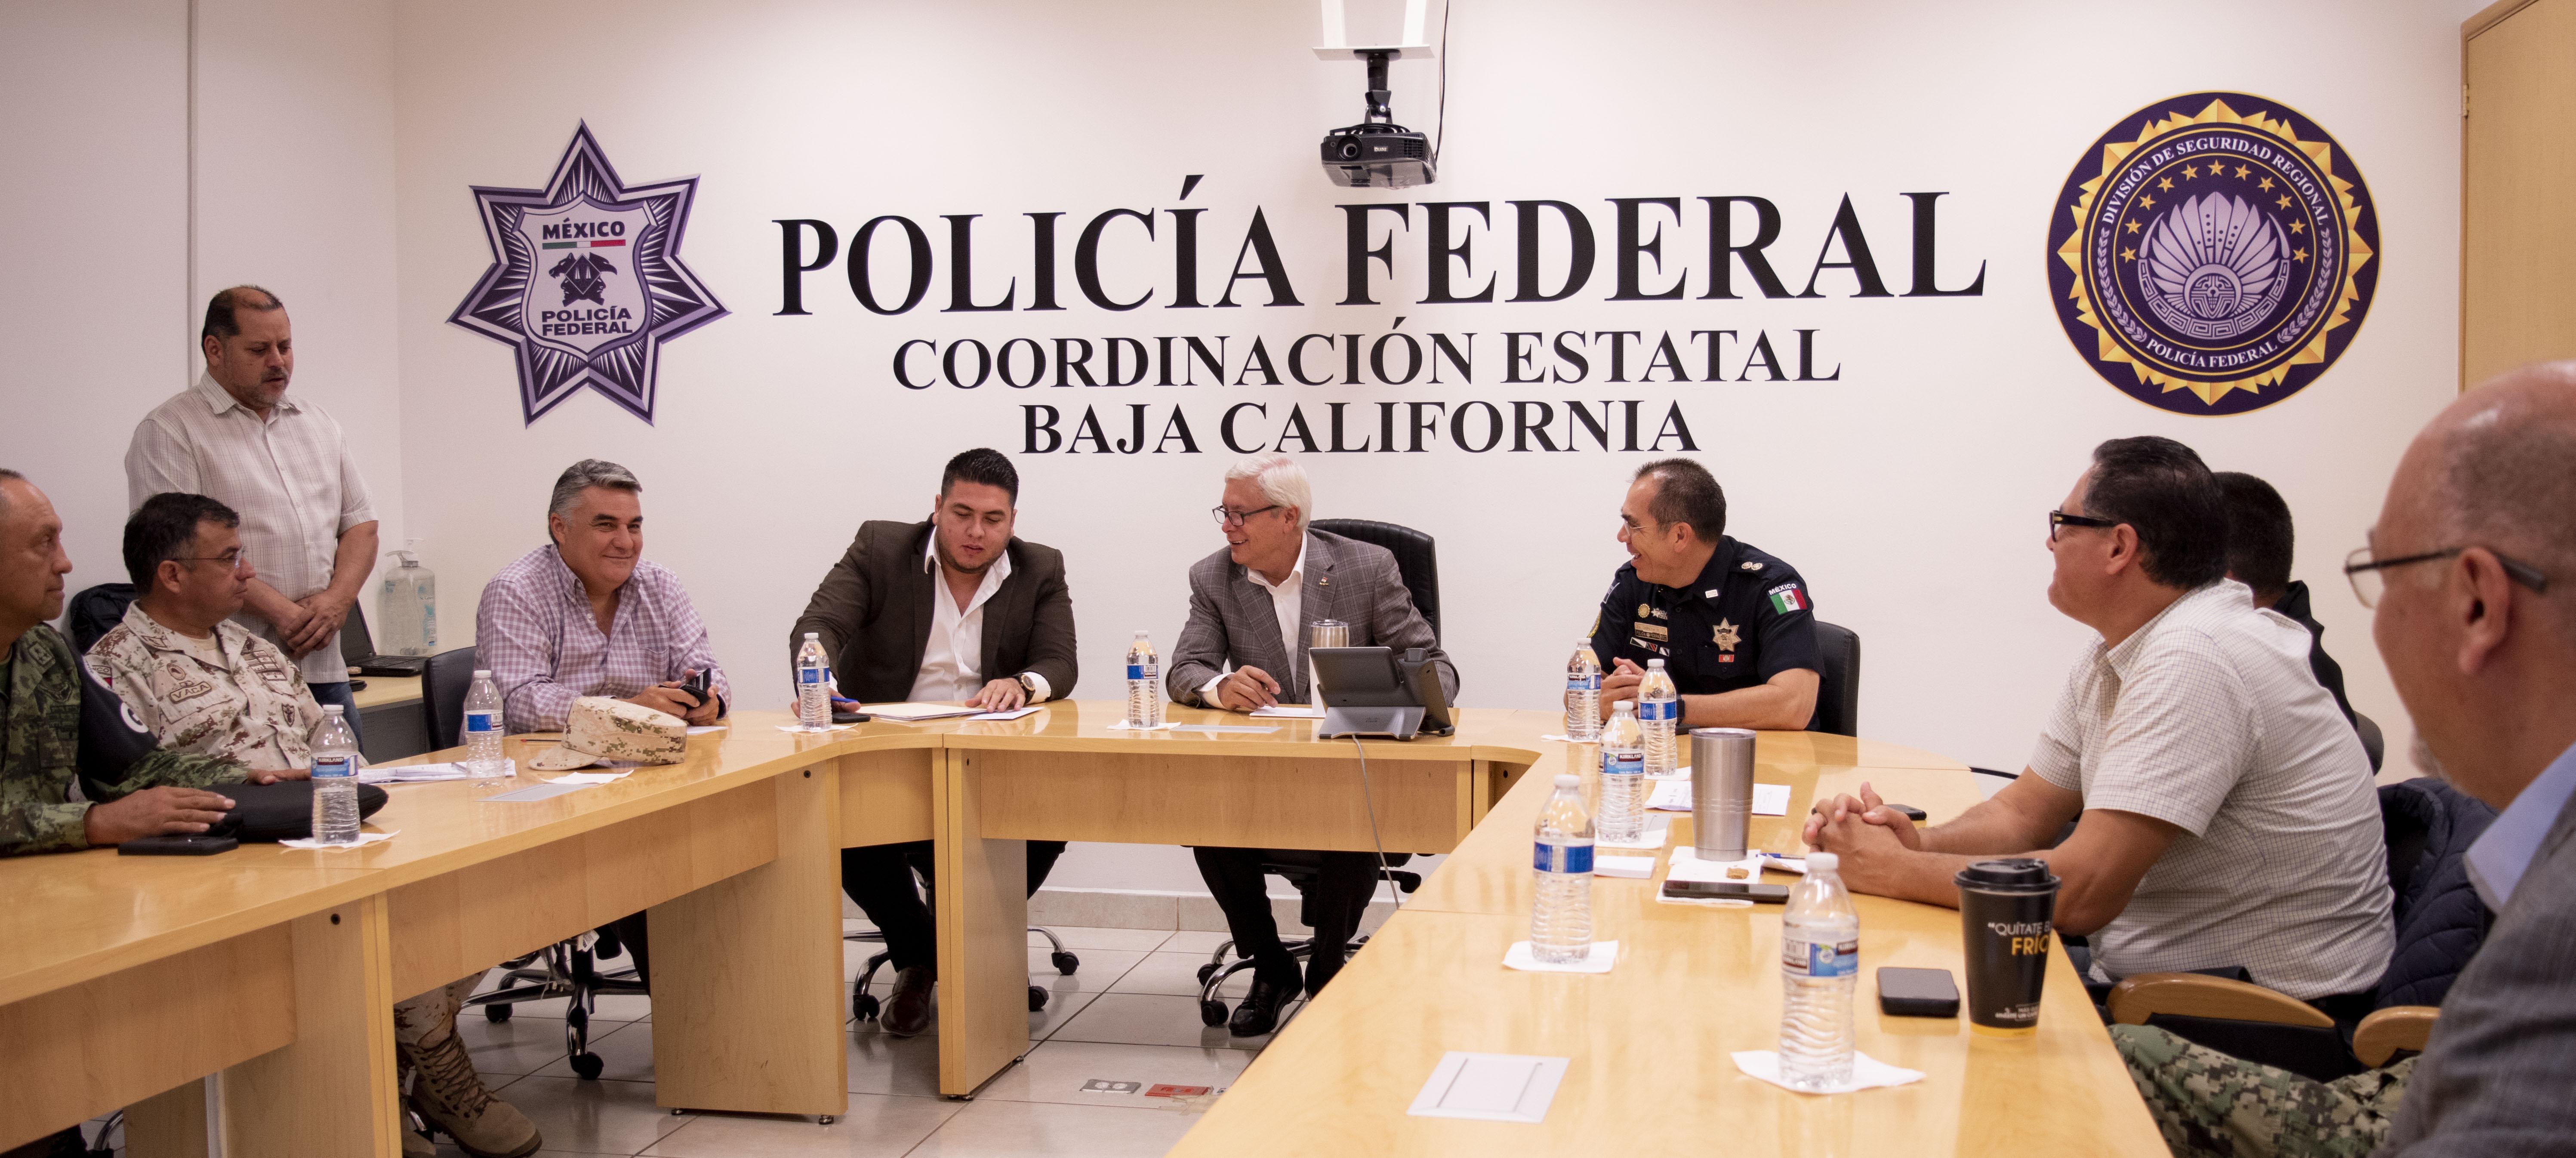 Se Despliega Guardia Nacional En Tijuana Y Tecate Bonilla